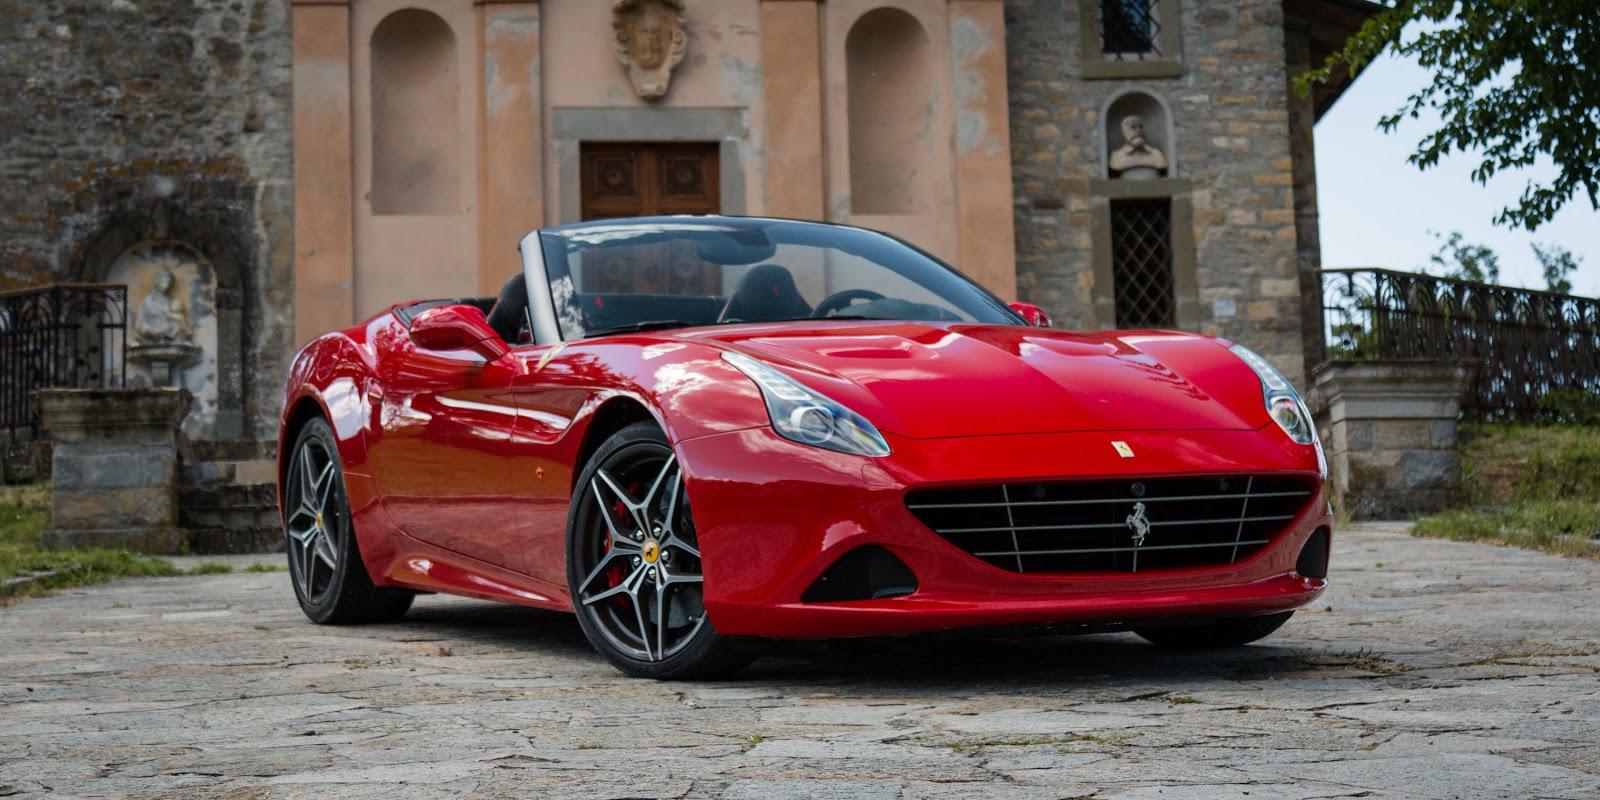 Ferrari California T có ngoại hình tiệm cận siêu xe, chứ chưa hẳn là siêu xe